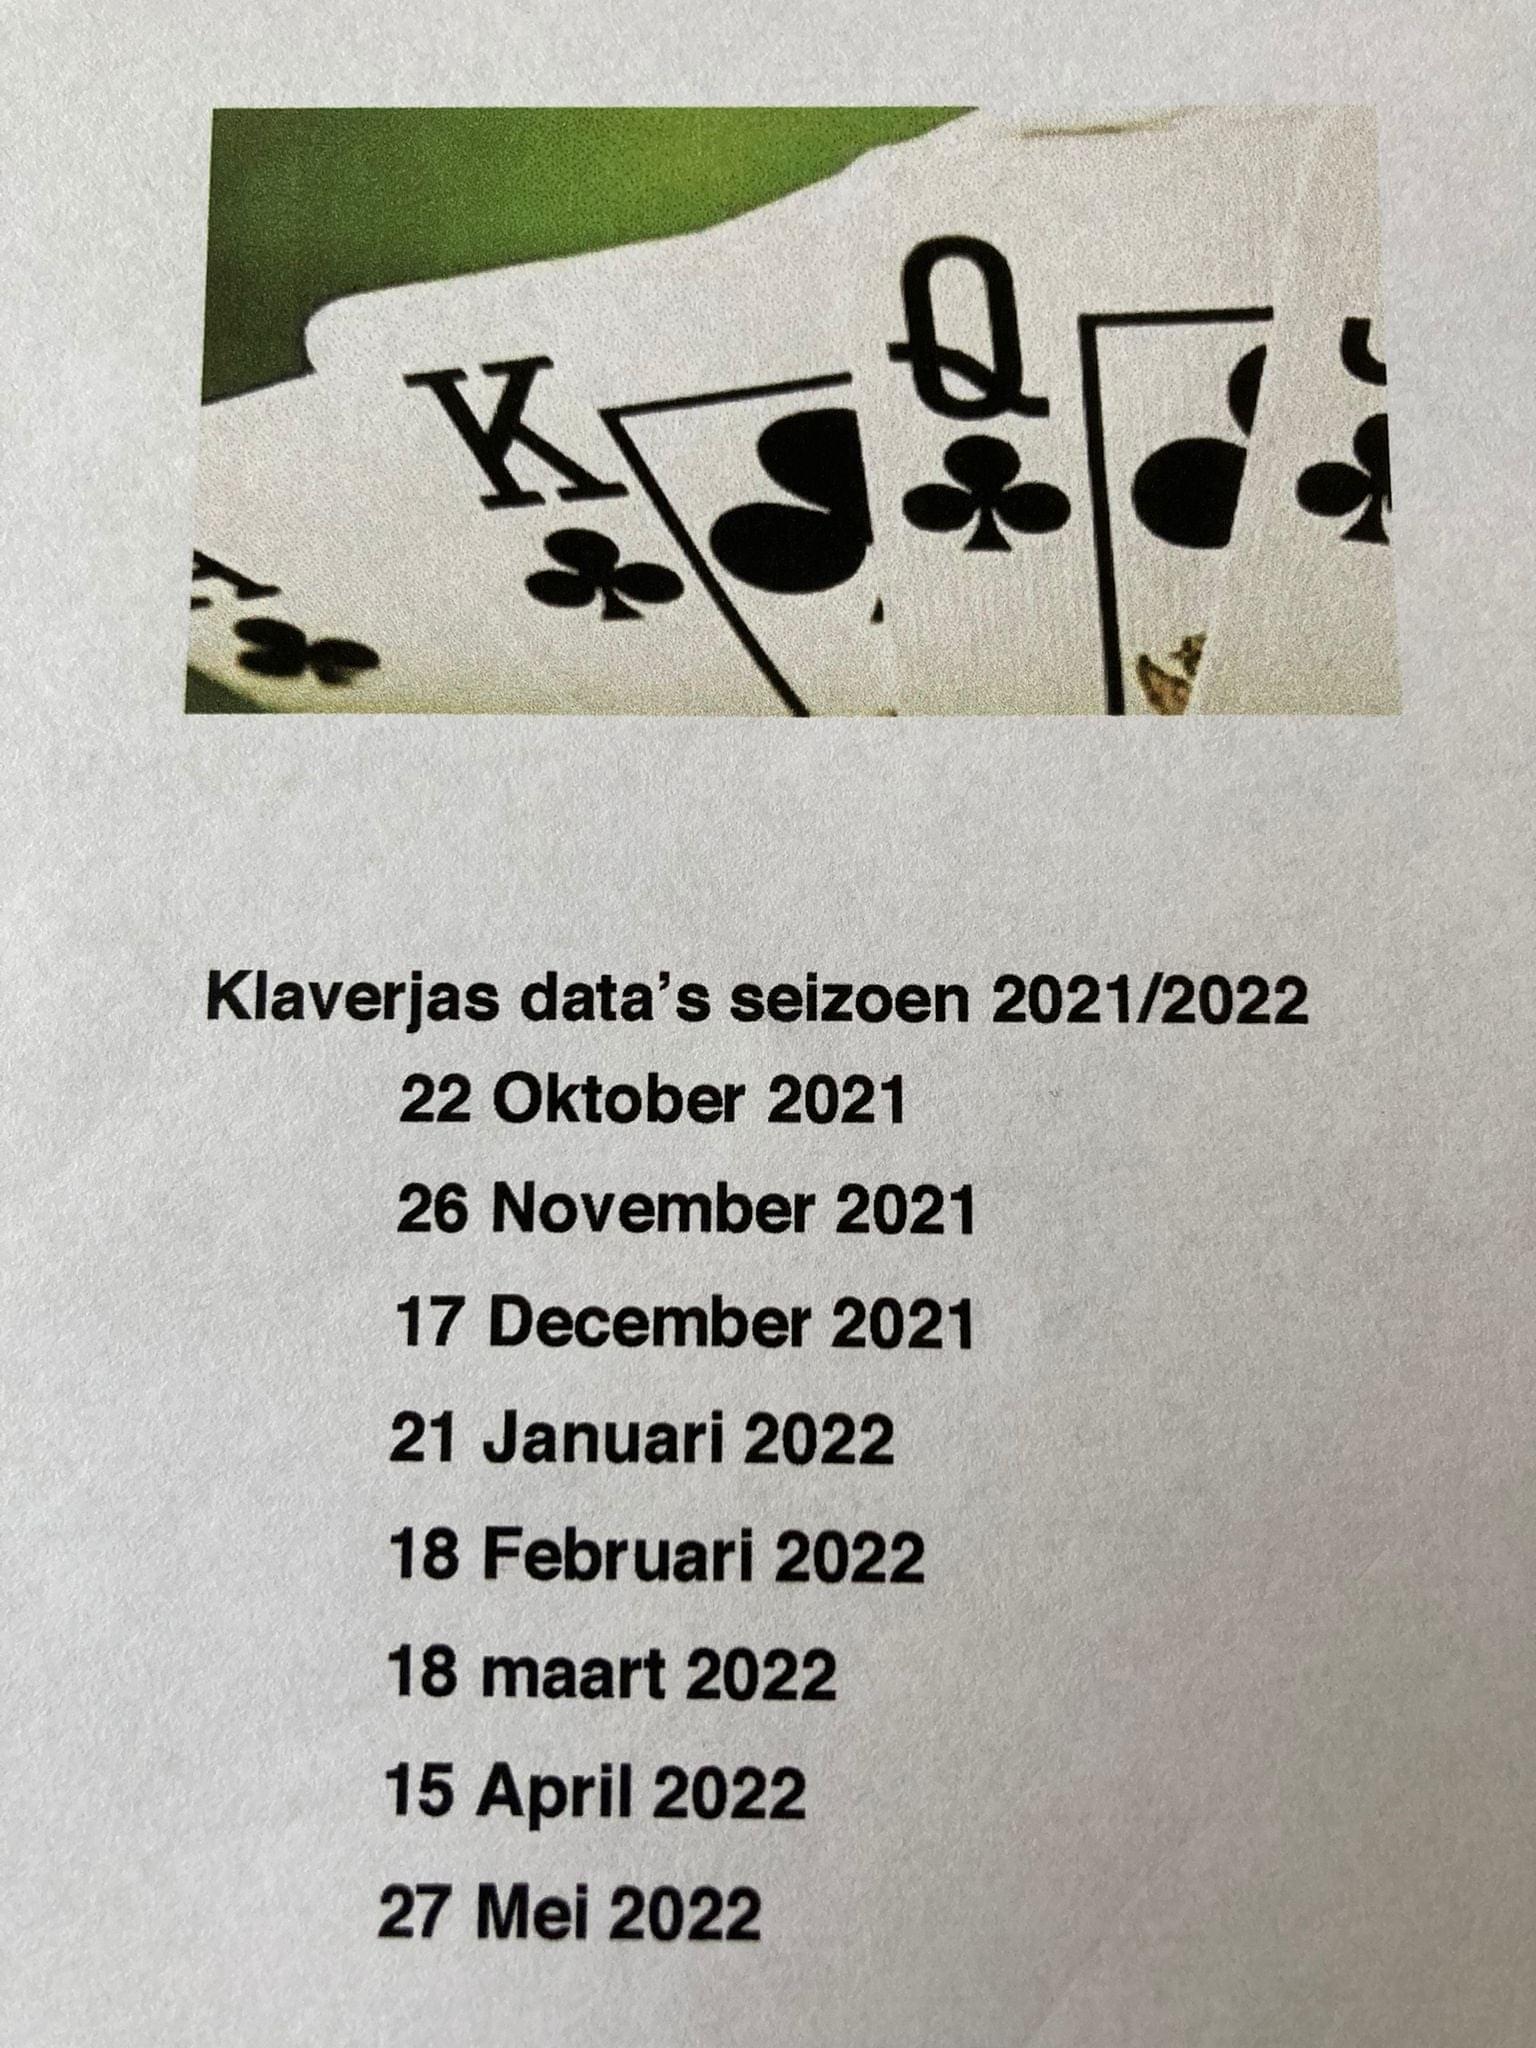 Data klaverjassen